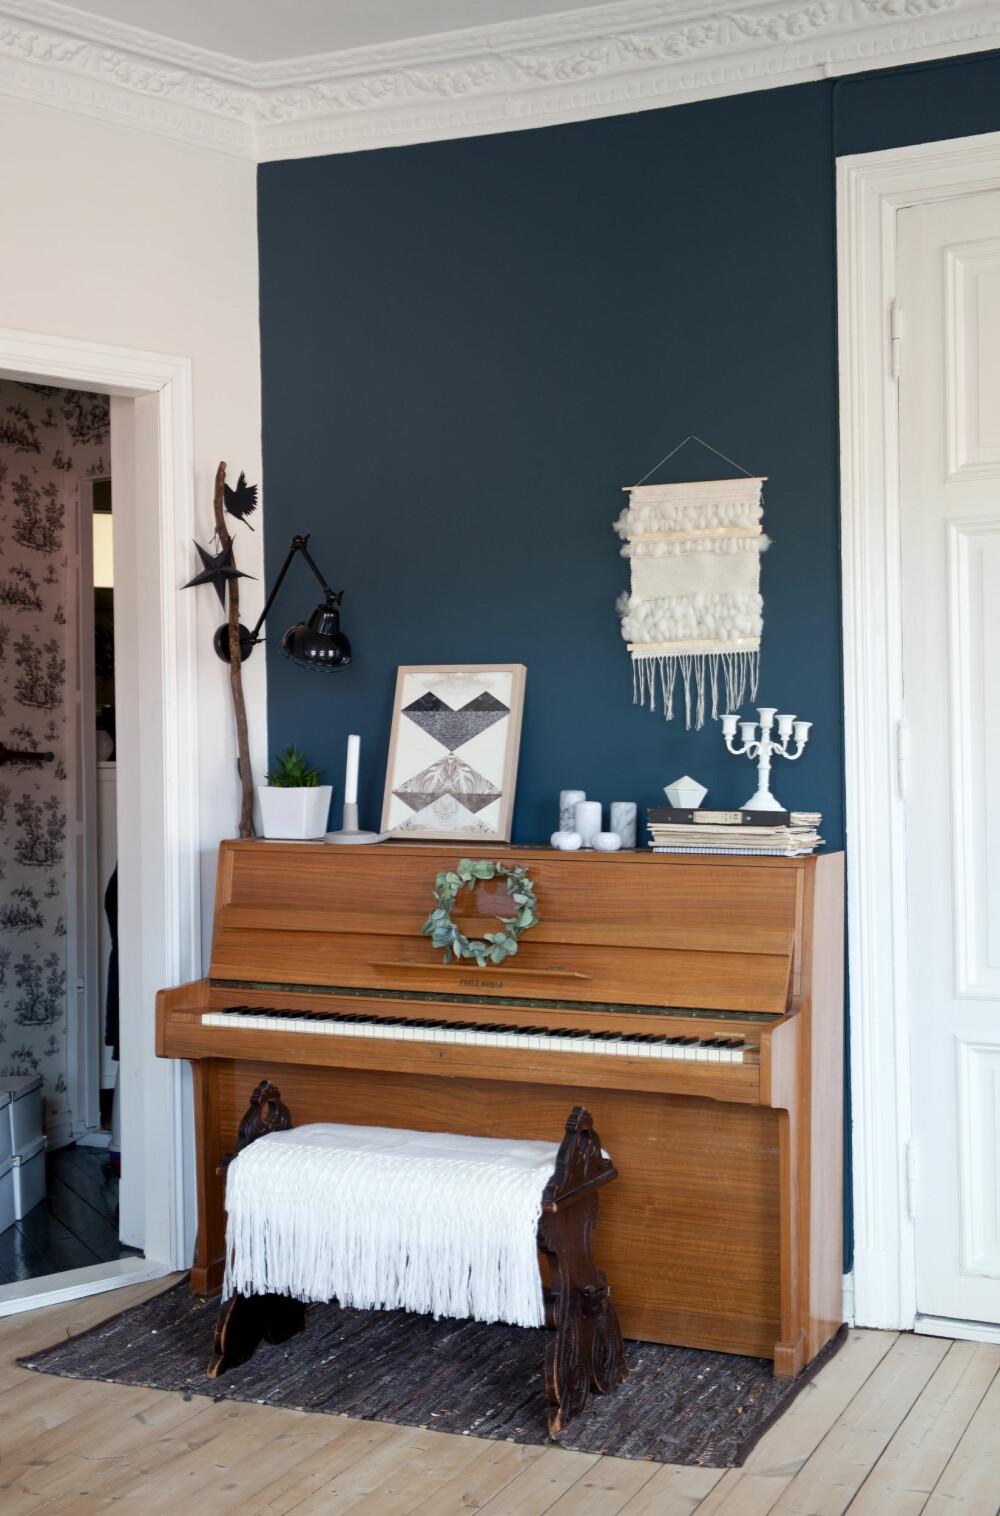 VINTAGE: Pianoet har Ann Merete arvet fra besteforeldrene sine, og det vevde teppet over pianoet er fra Weavemeaway.no. Den lille gangen mellom stua og entréen brukes til garderobe og oppbevaring.